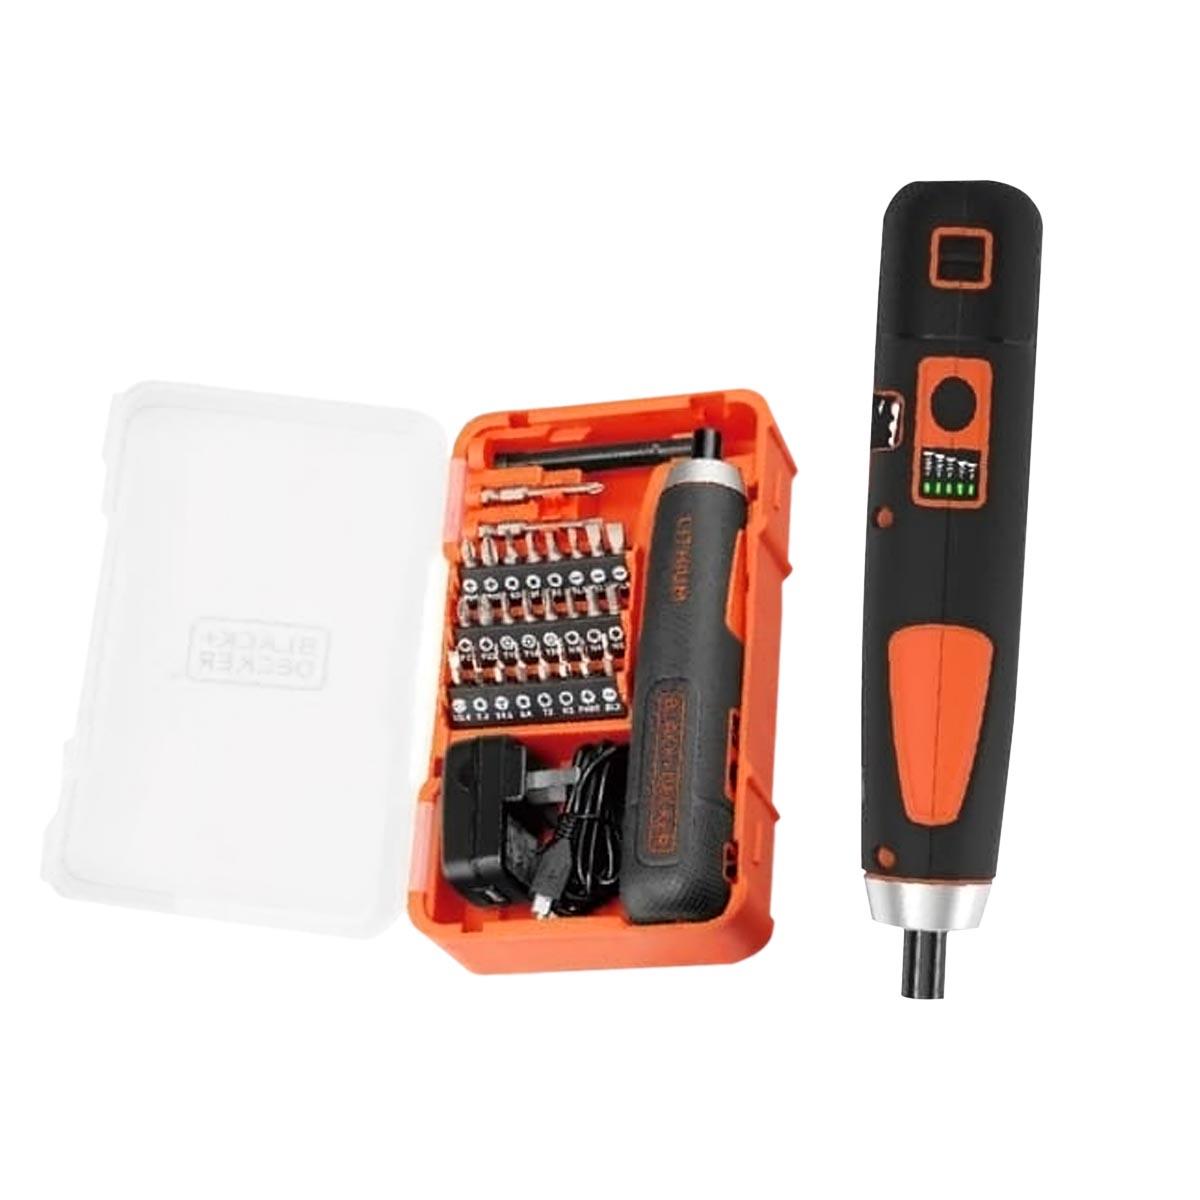 Set Atornillador Inalambrico 4V Push And Go + 27 Accesorios BD40K27 Black And Decker